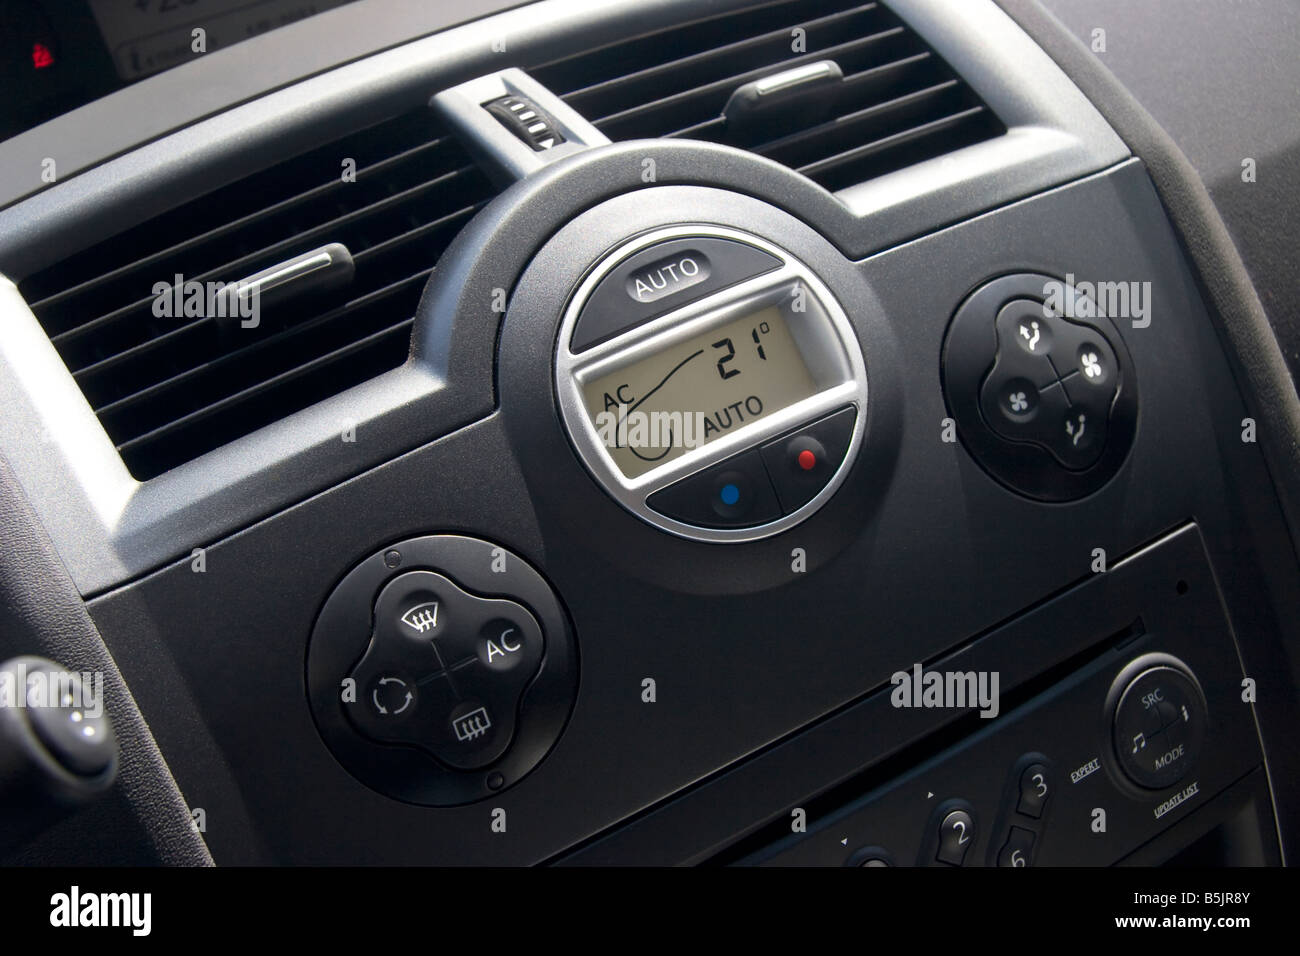 Modern Dashboard Stockfotos & Modern Dashboard Bilder - Alamy